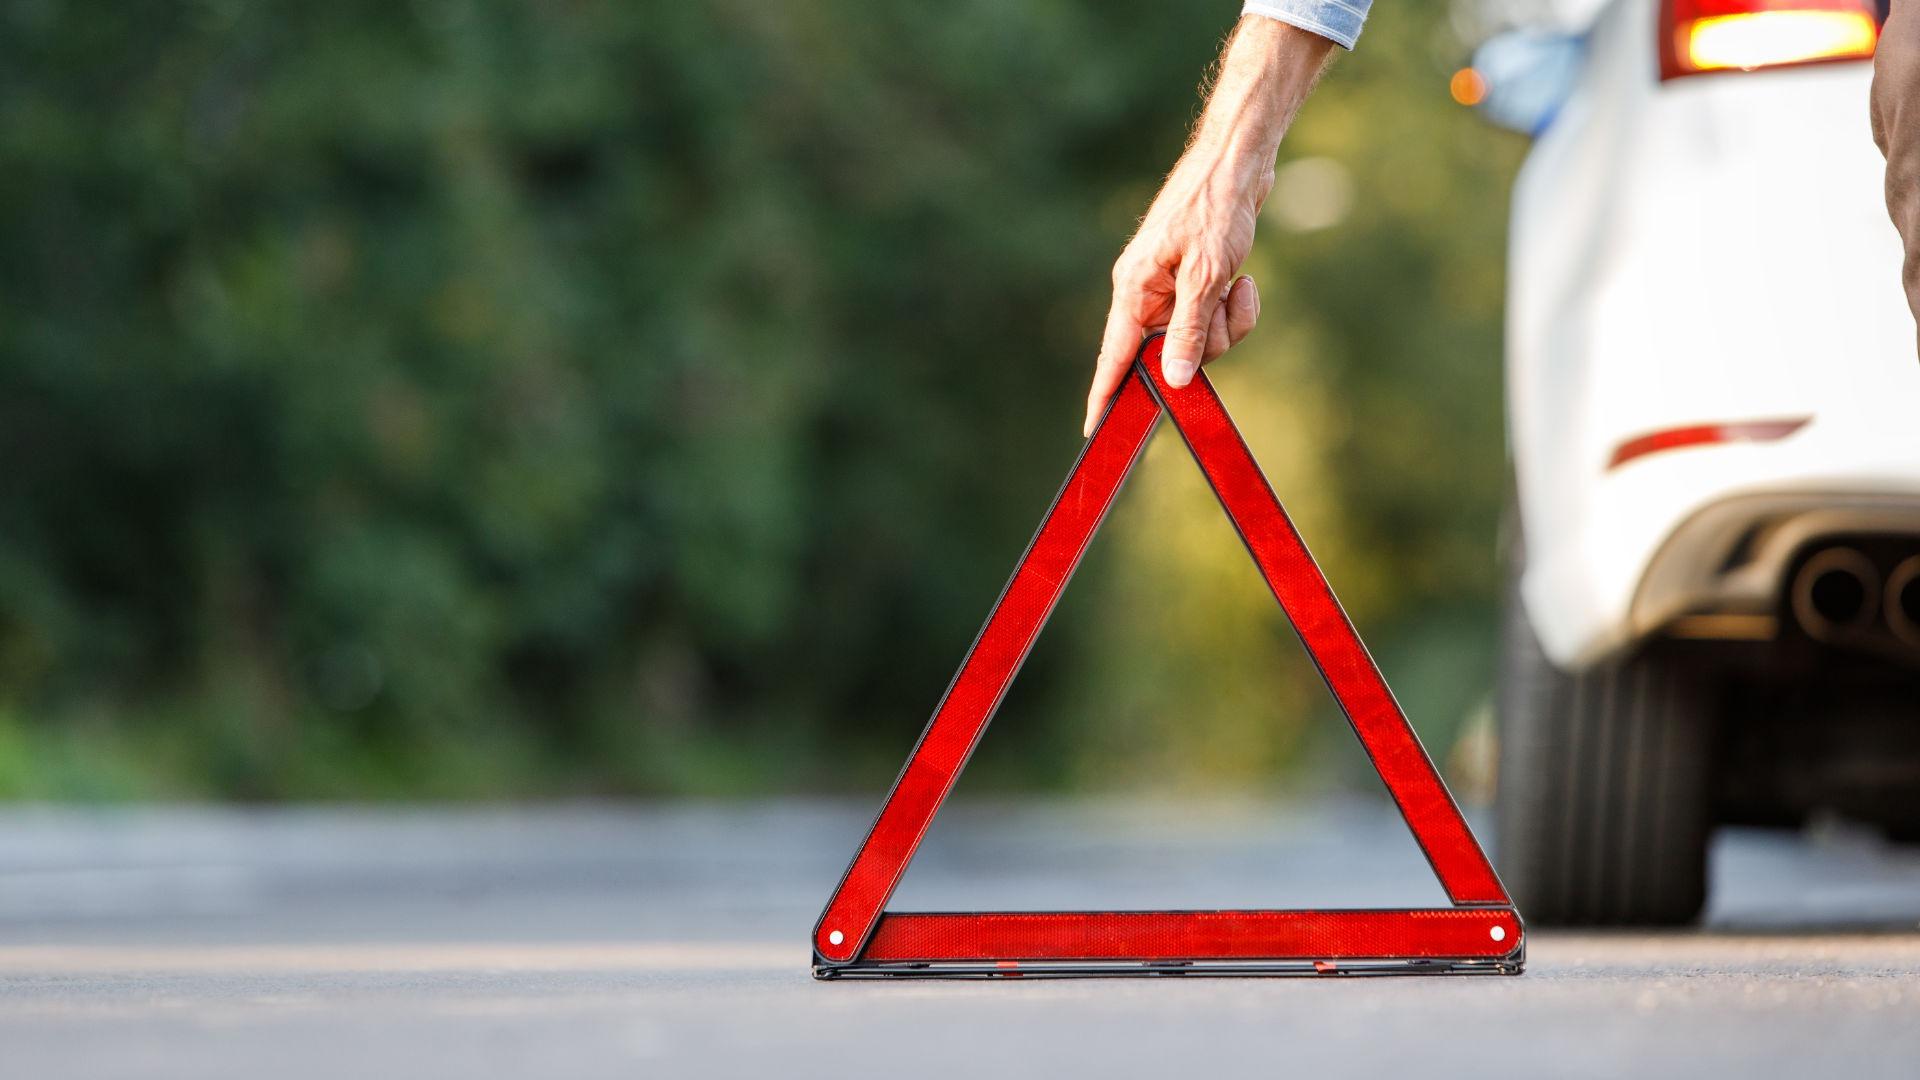 Frenata automatica di emergenza obbligatoria dal 2020: funzionerà?